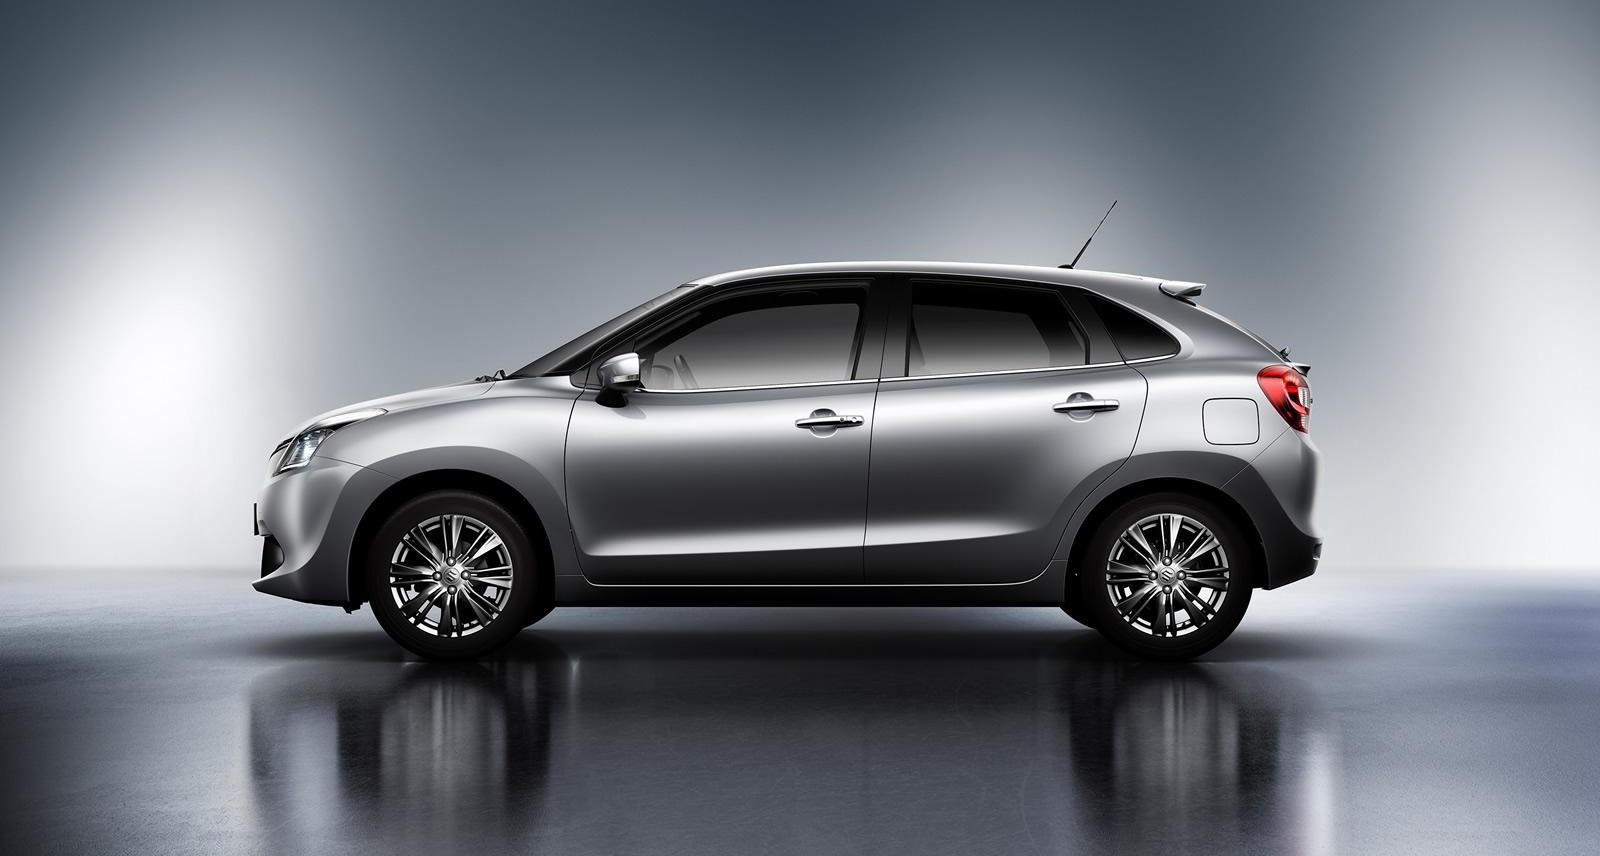 2015-Suzuki-Baleno-side-view-press-image